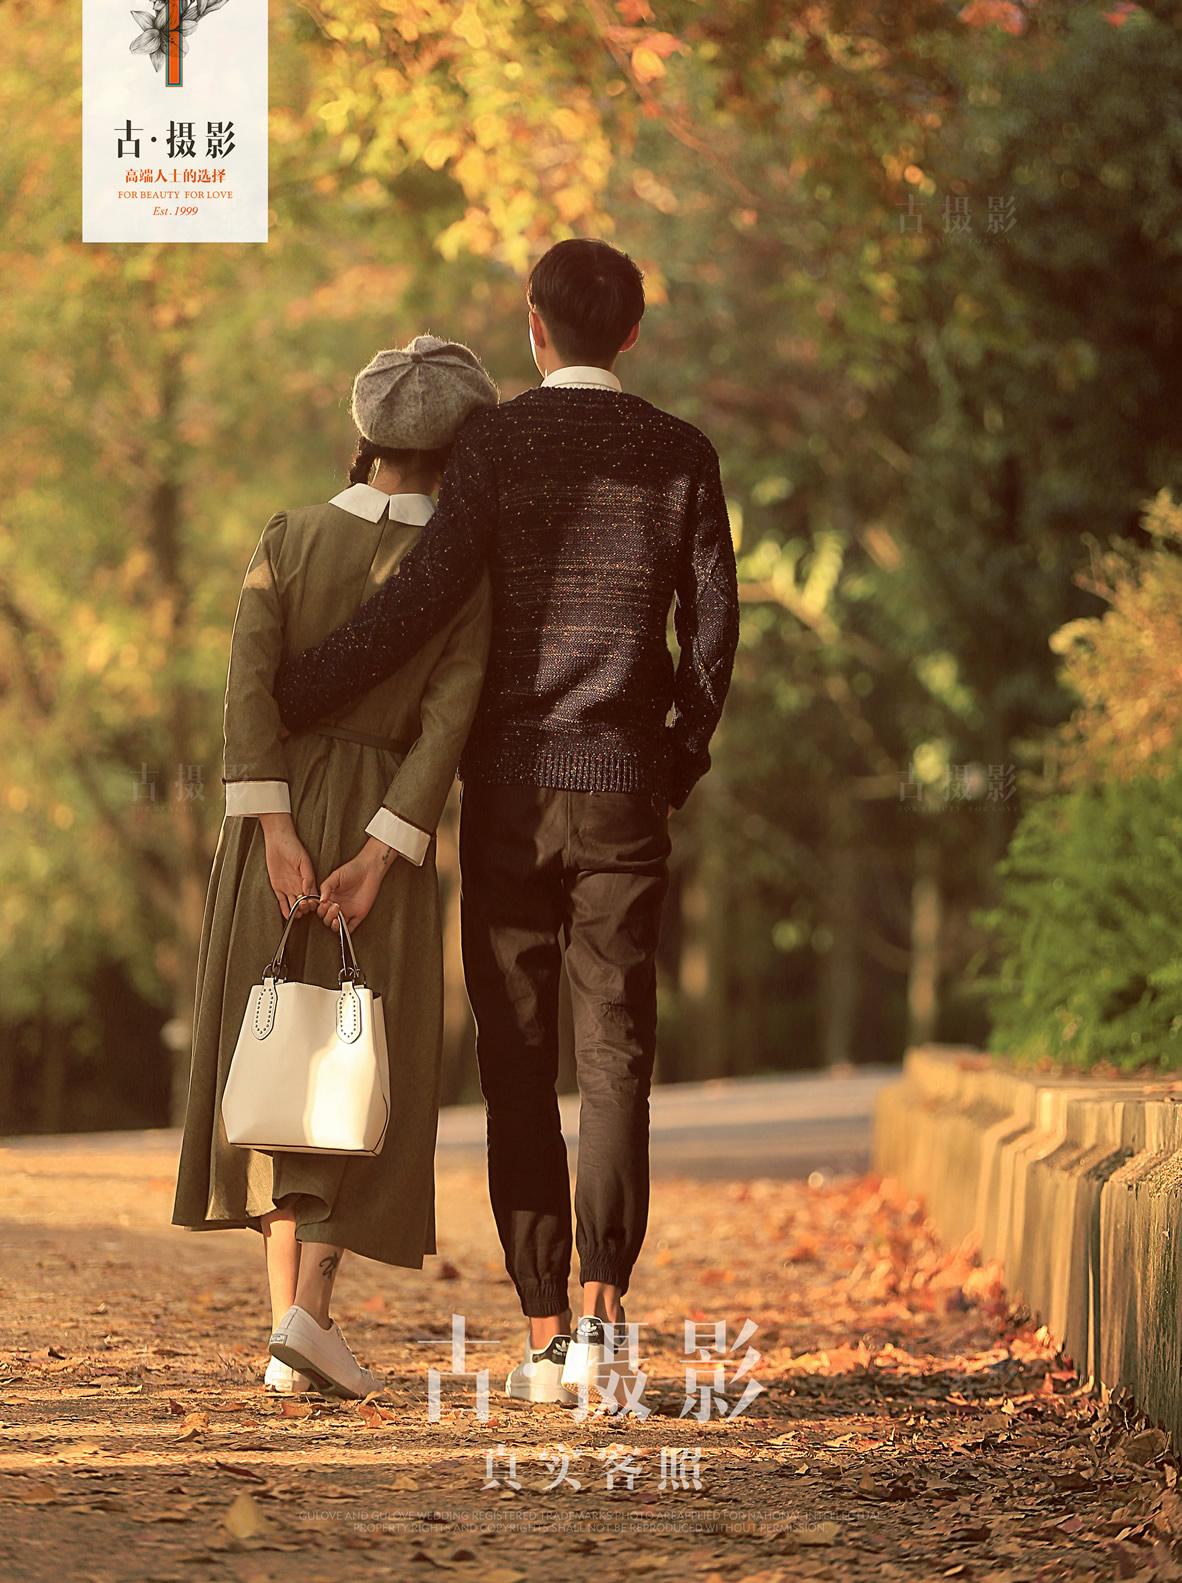 3月18日客片王先生 李小姐 - 每日客照 - love昆明古摄影-昆明婚纱摄影网